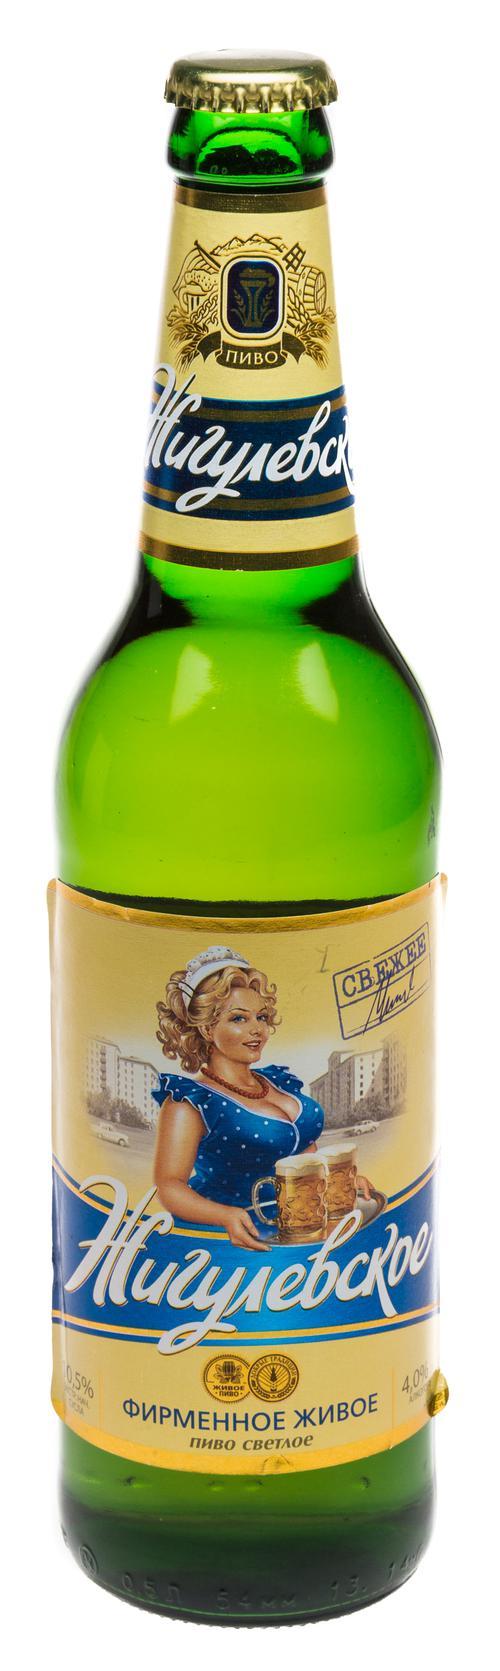 Пиво светлое Жигулевское Фирменное Живое